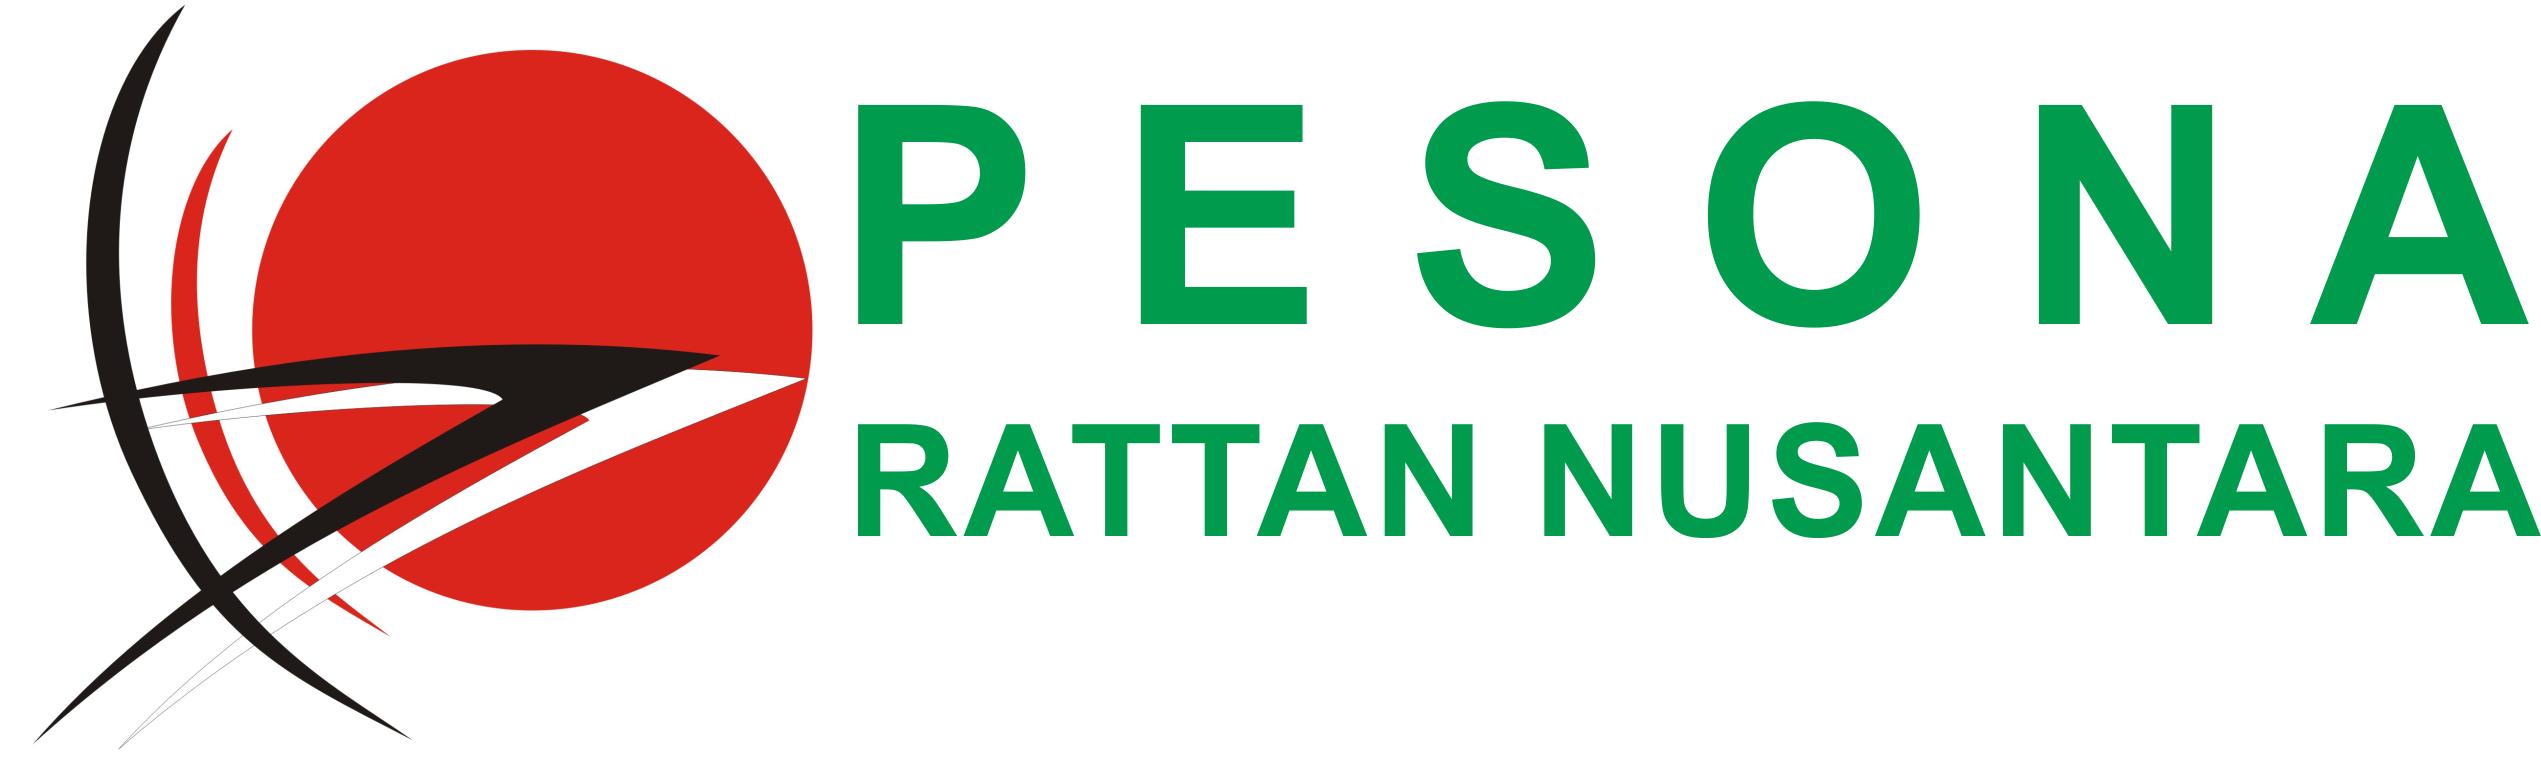 Pesona Rattan